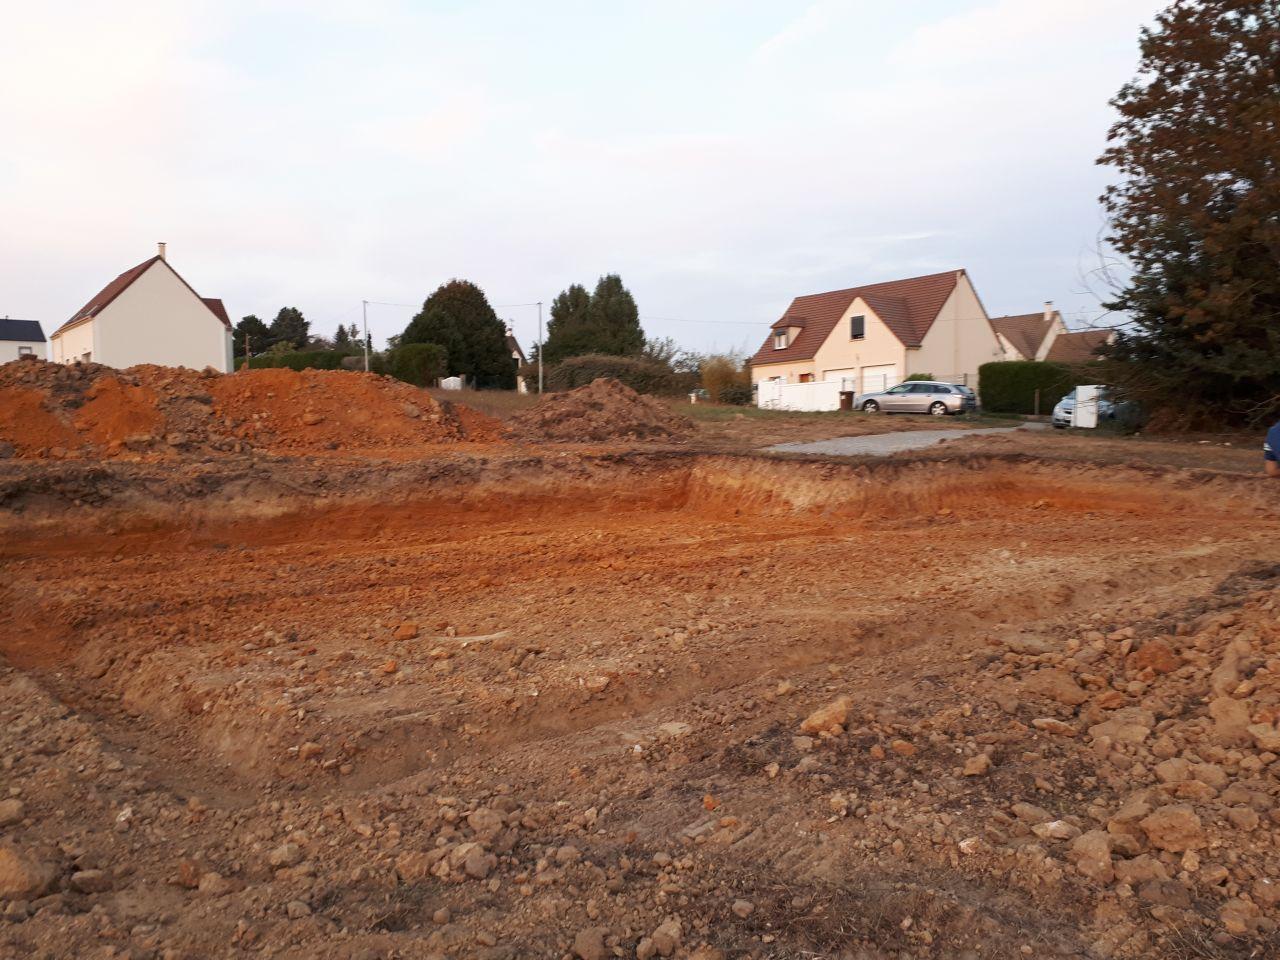 17 et 18 septembre, terrassement en vue du coulage du béton pour les fondations. Enfin ça commence.